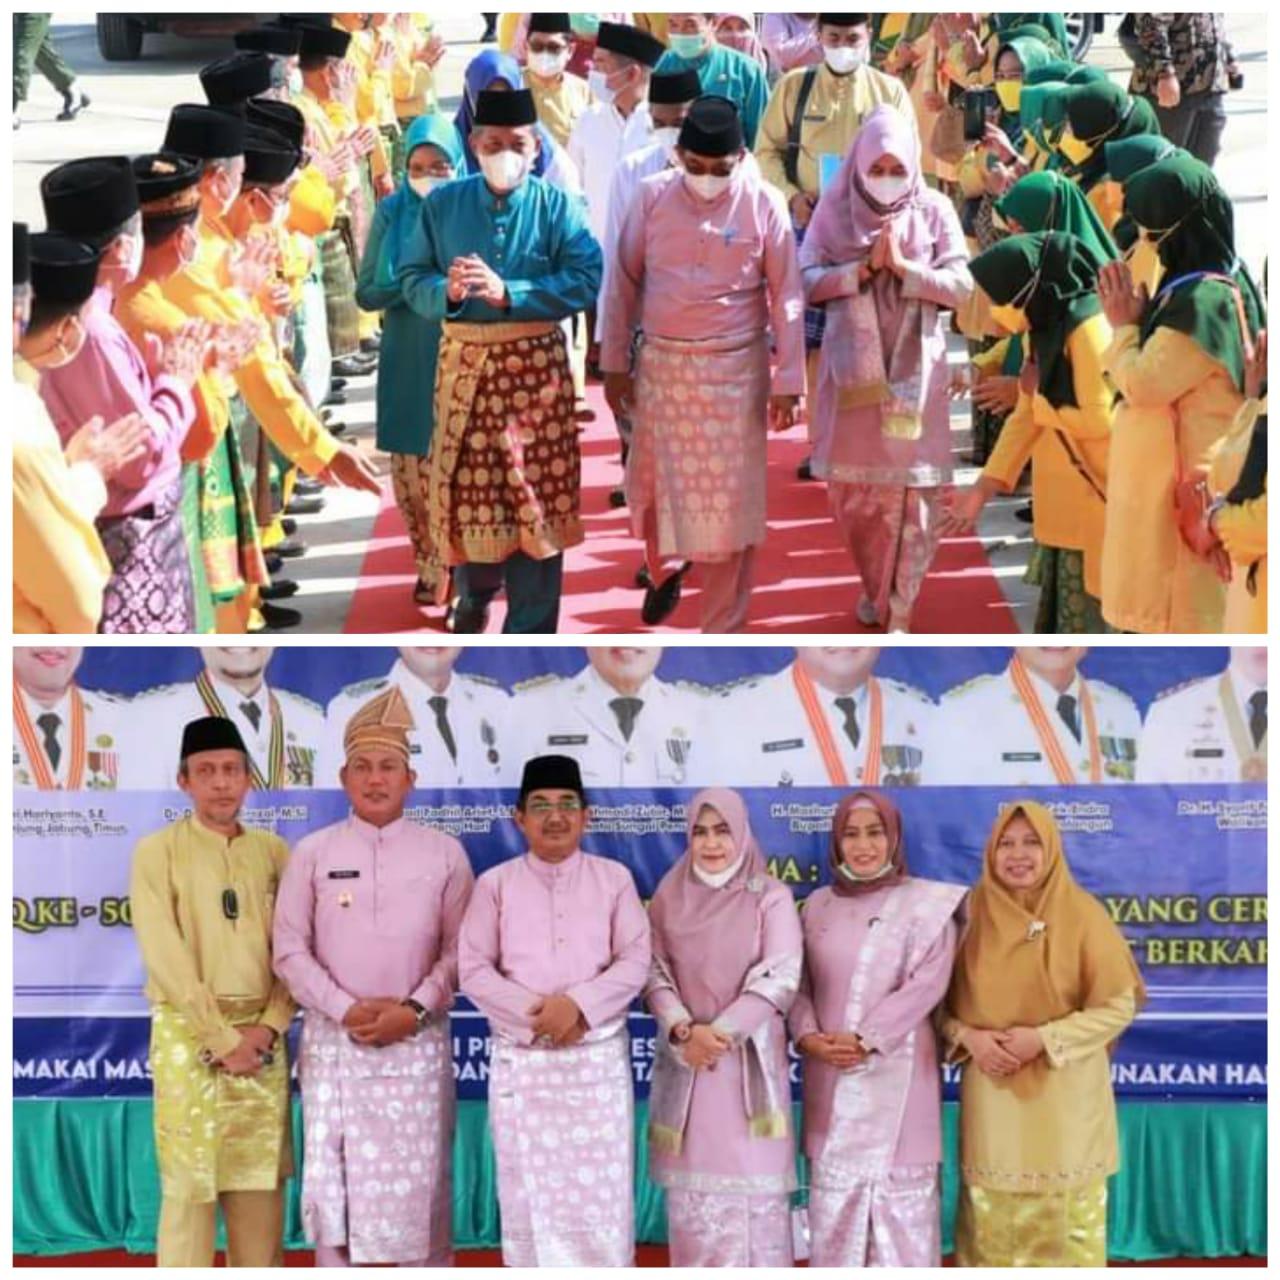 Suatu Kebanggaan Meraih Rangking Terbaik  Ke-1 MTQ Ke-50 Tingkat Provinsi Jambi